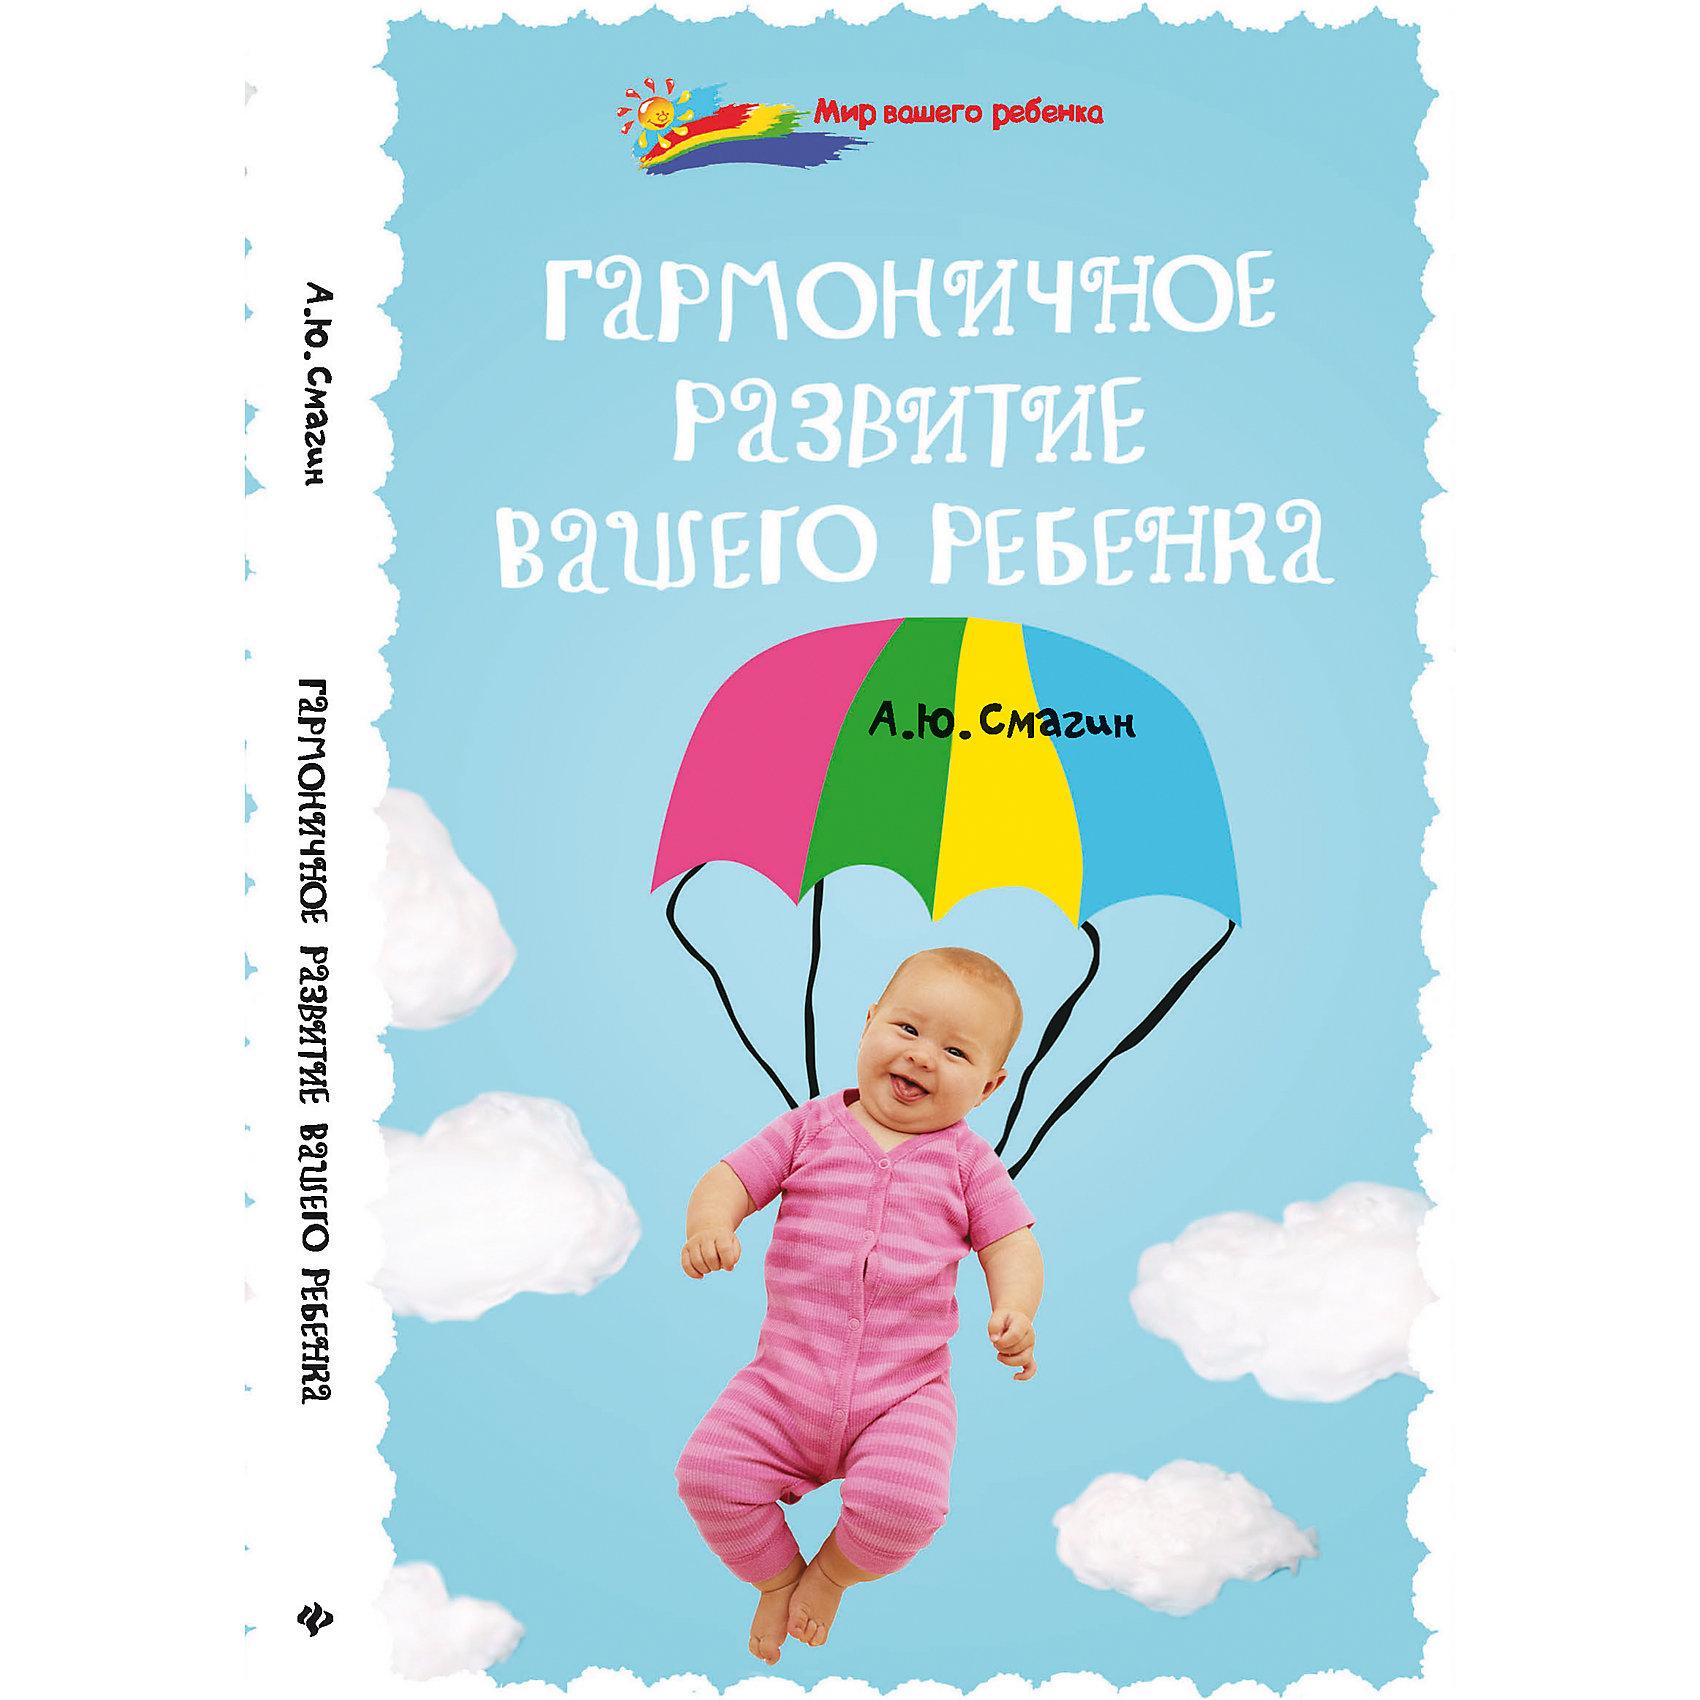 Книга Гармоничное развитие вашего ребенкаКнига представляет собой коллекцию авторских статей врача-педиатра, написанных в разные периоды практики. Автор отвечает на самые распространенные вопросы родителей о раанитии ребенка от зачатия до окончания грудничкового возраста. Некоторые материалы были взяты из научных исследований зарубежных авторов последних лет.<br>Книга написана в научно популярном жанре. Она будет интересна беременным женщинам, молодым родителям и их родственникам, а также клиническим ординаторам, интернам, педиатрам, неонатологам, врачам семейной практики.<br><br>Ширина мм: 80<br>Глубина мм: 125<br>Высота мм: 200<br>Вес г: 171<br>Возраст от месяцев: 192<br>Возраст до месяцев: 2147483647<br>Пол: Унисекс<br>Возраст: Детский<br>SKU: 5500994